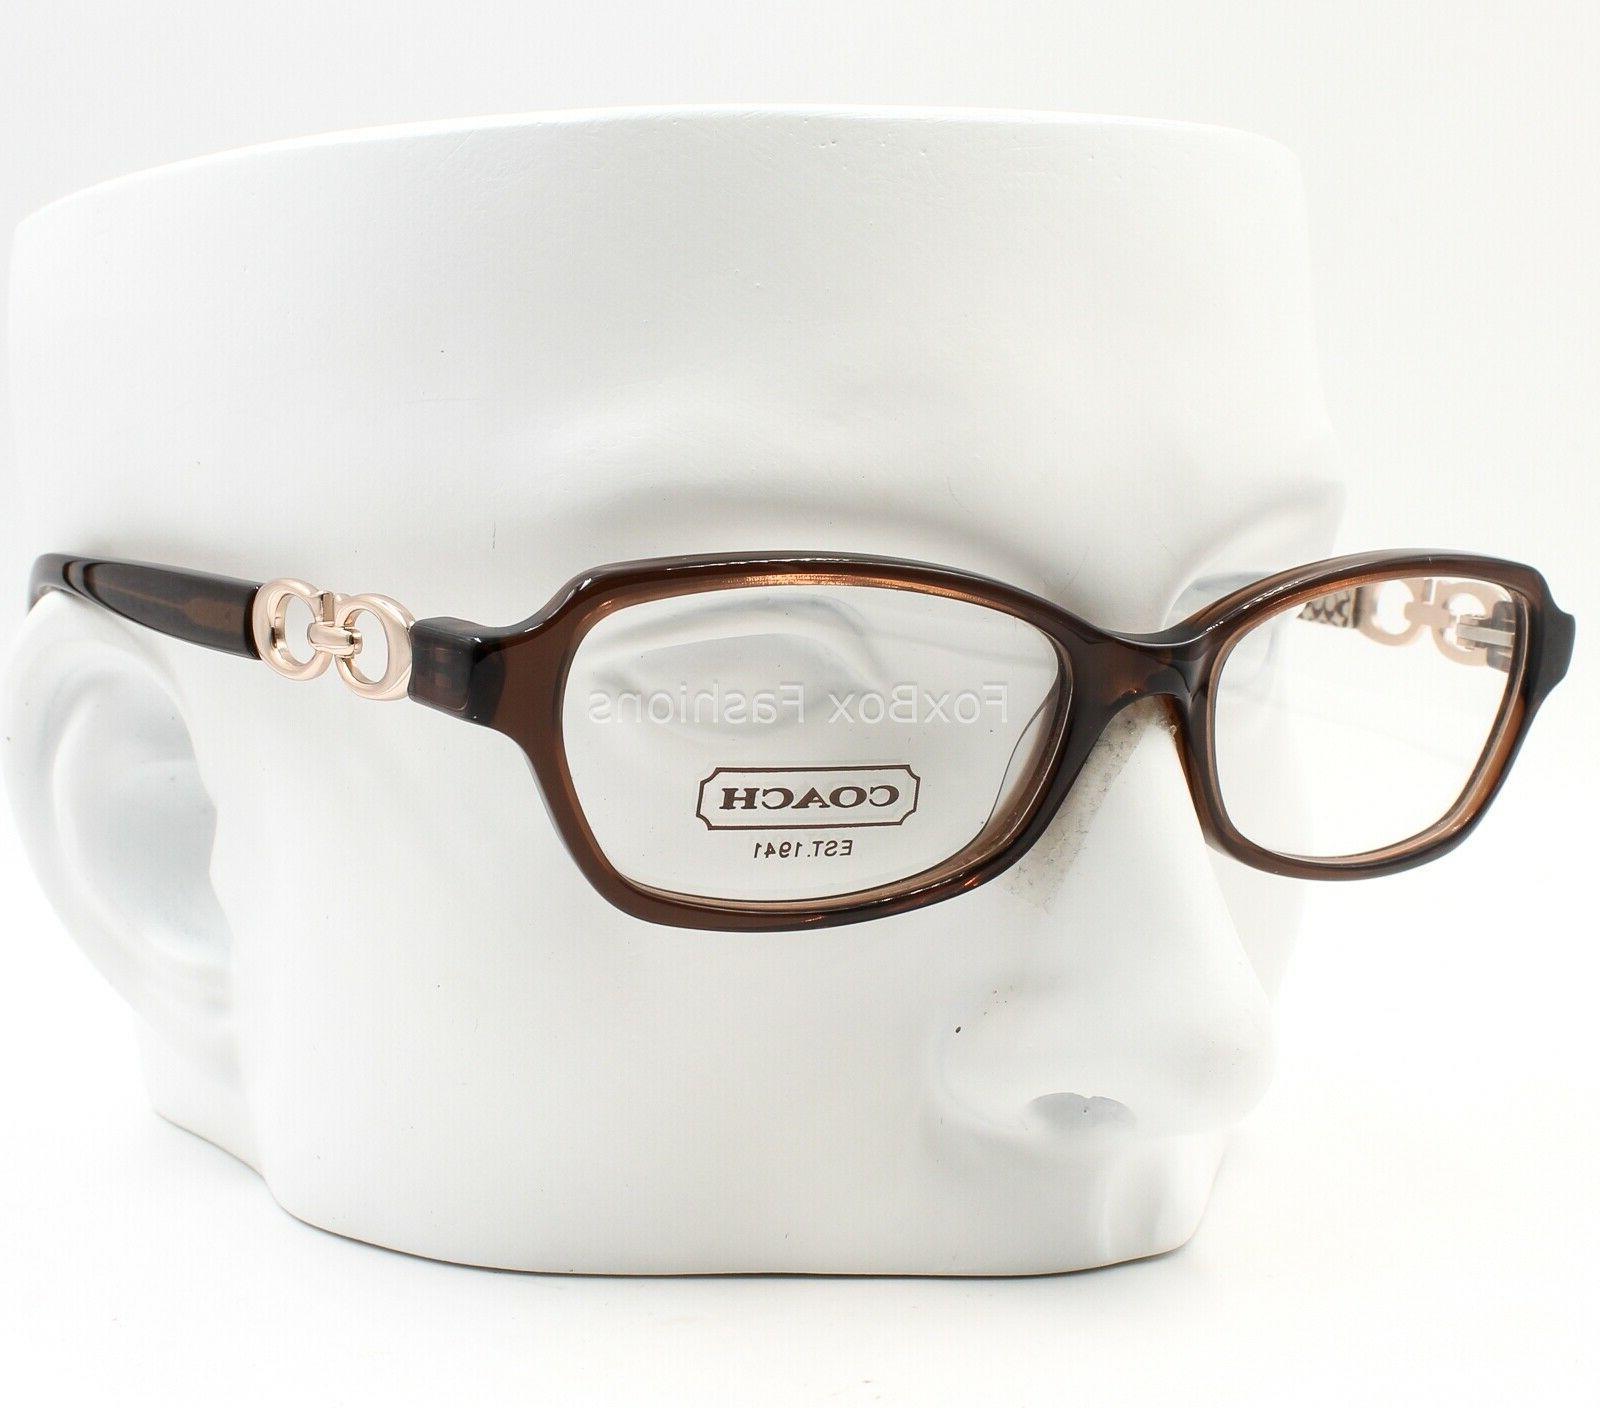 hc 6017 5059 vanessa eyeglasses glasses crystal